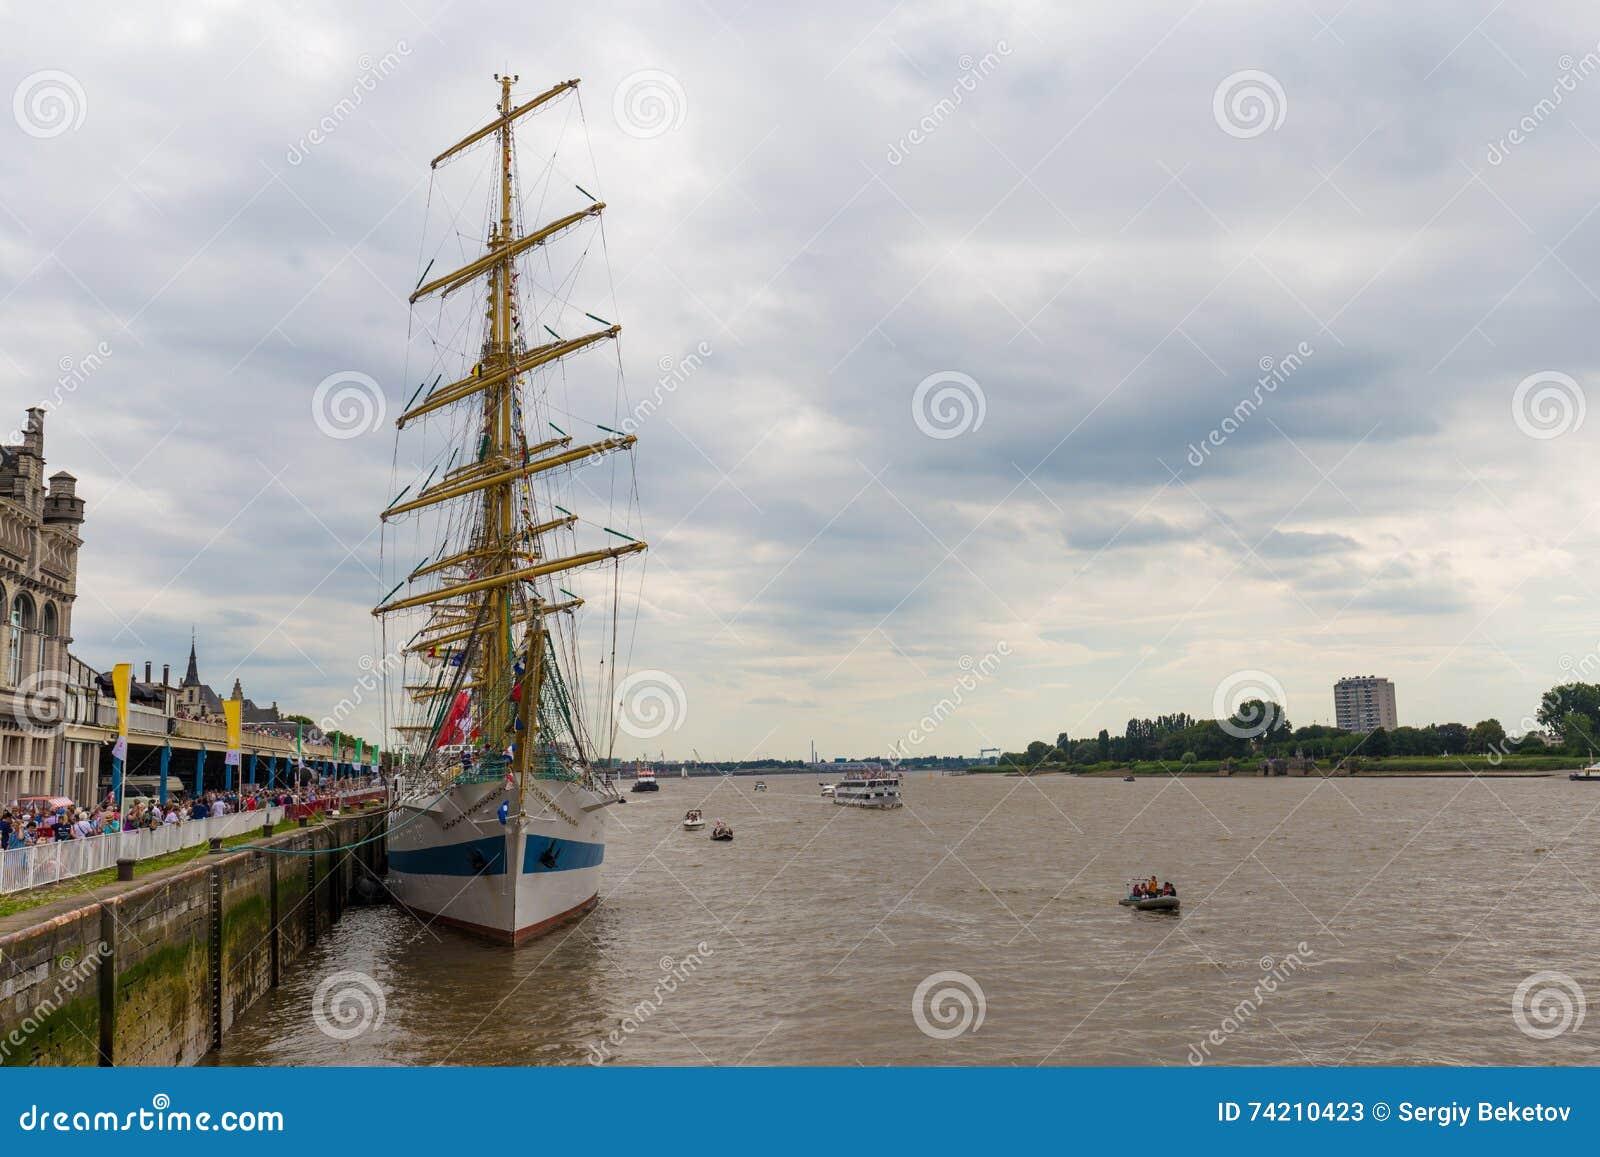 Rosyjski żeglowanie statku Mir pokój widzieć w Antwerp podczas Wysokich statków Ściga się 2016 wydarzenie